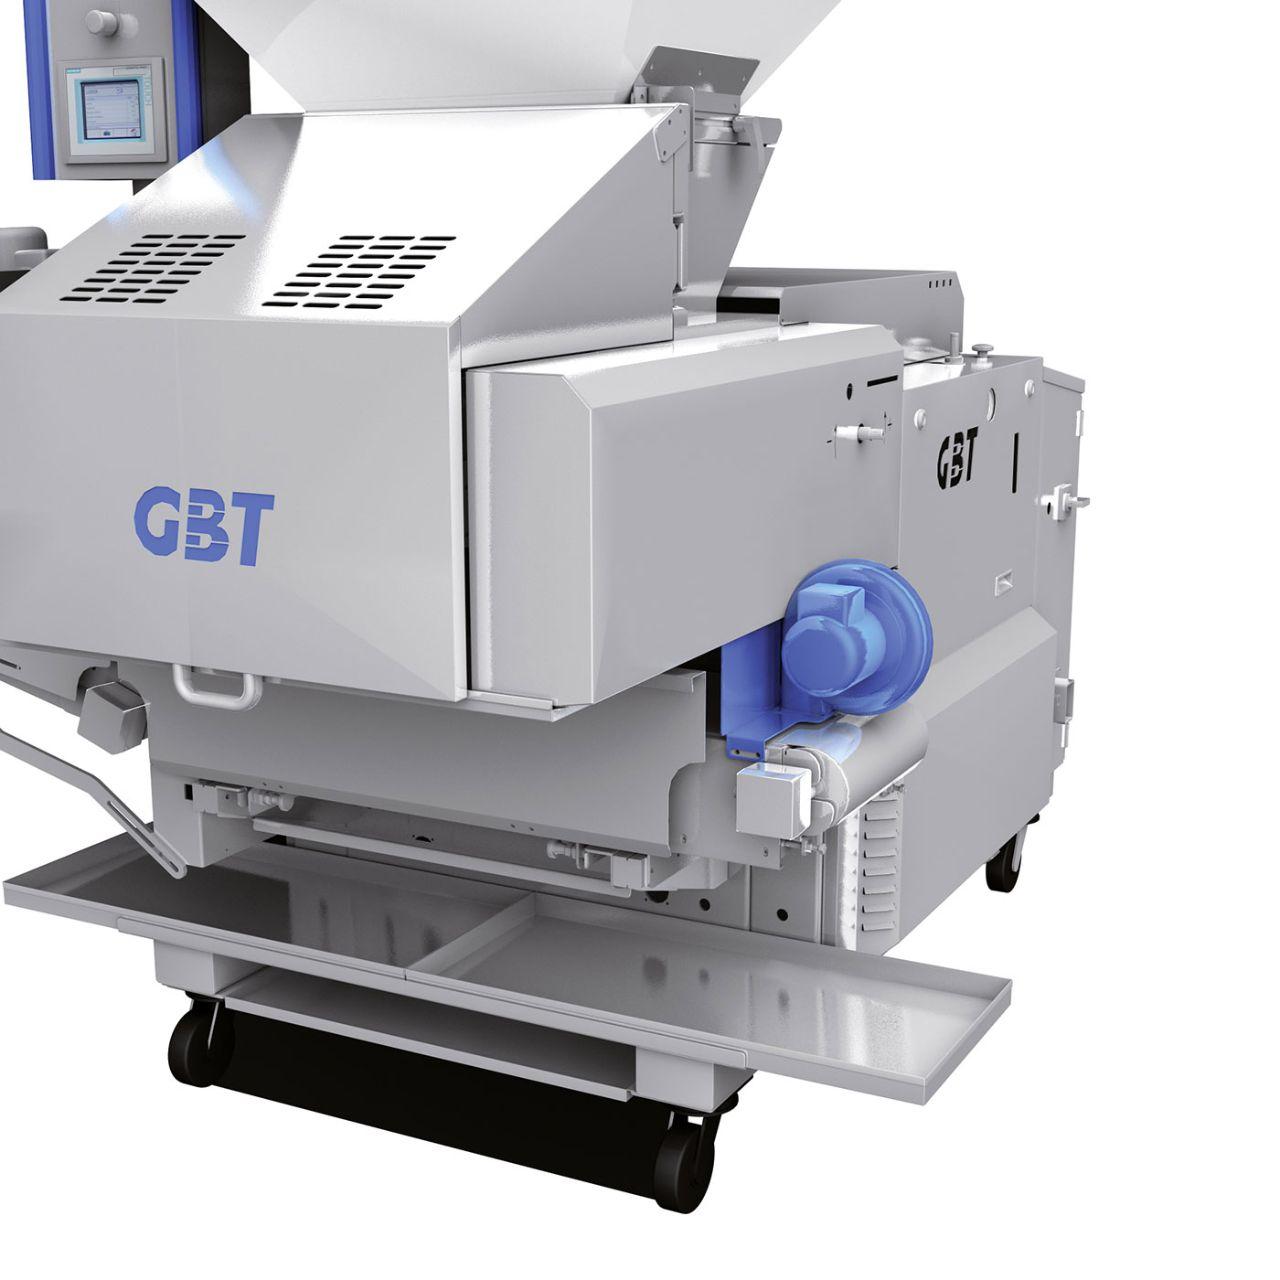 GBT-Brotteigteiler-6.jpg